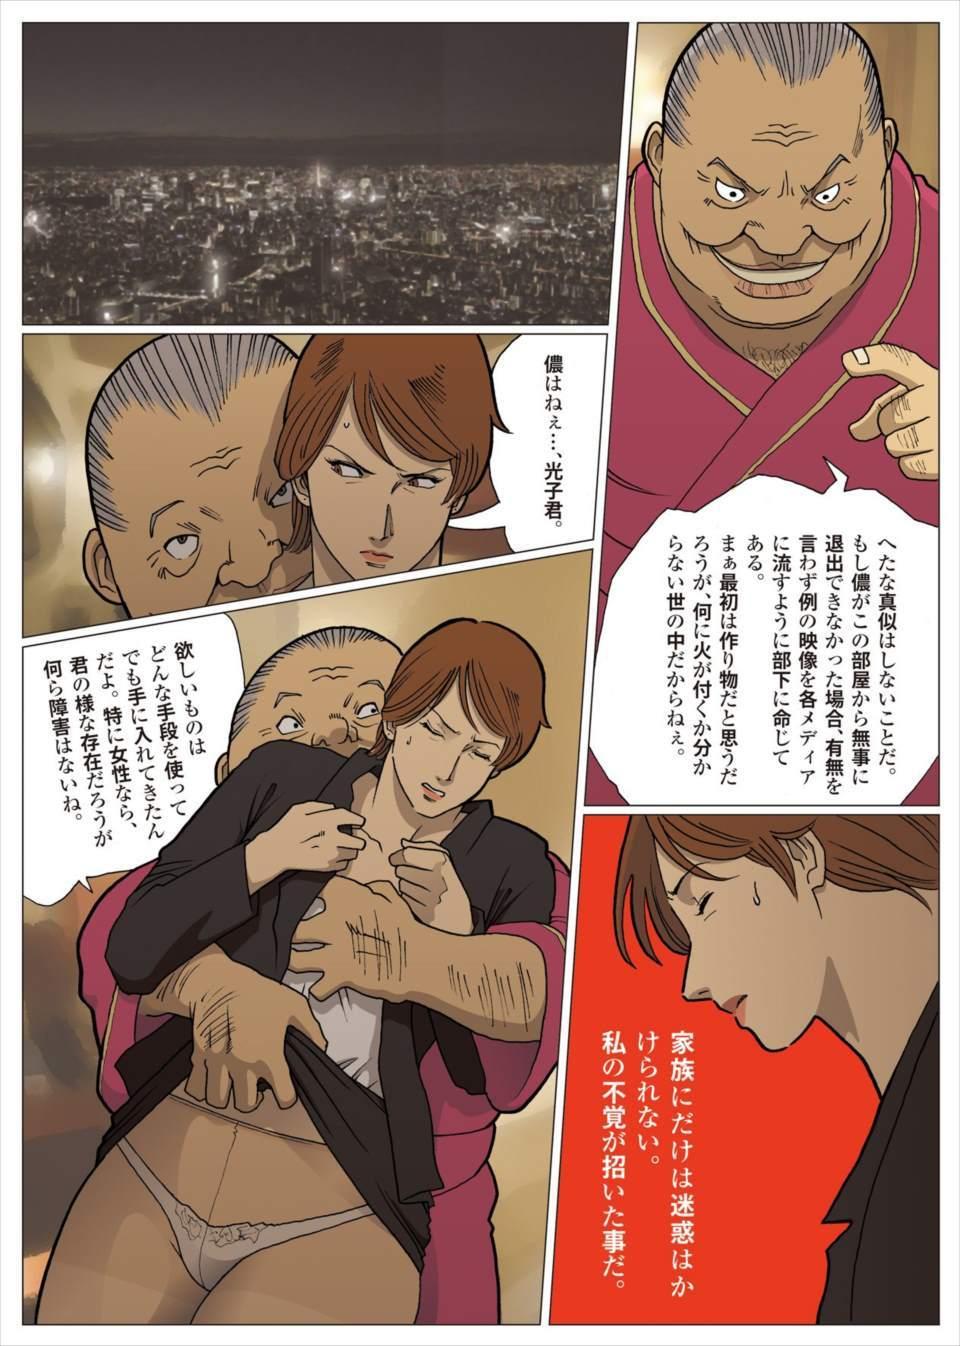 【ヒロピンエロ同人誌】母は強し。世界を救うウルトラな熟女!4戦目【代議士に言い寄られ編】